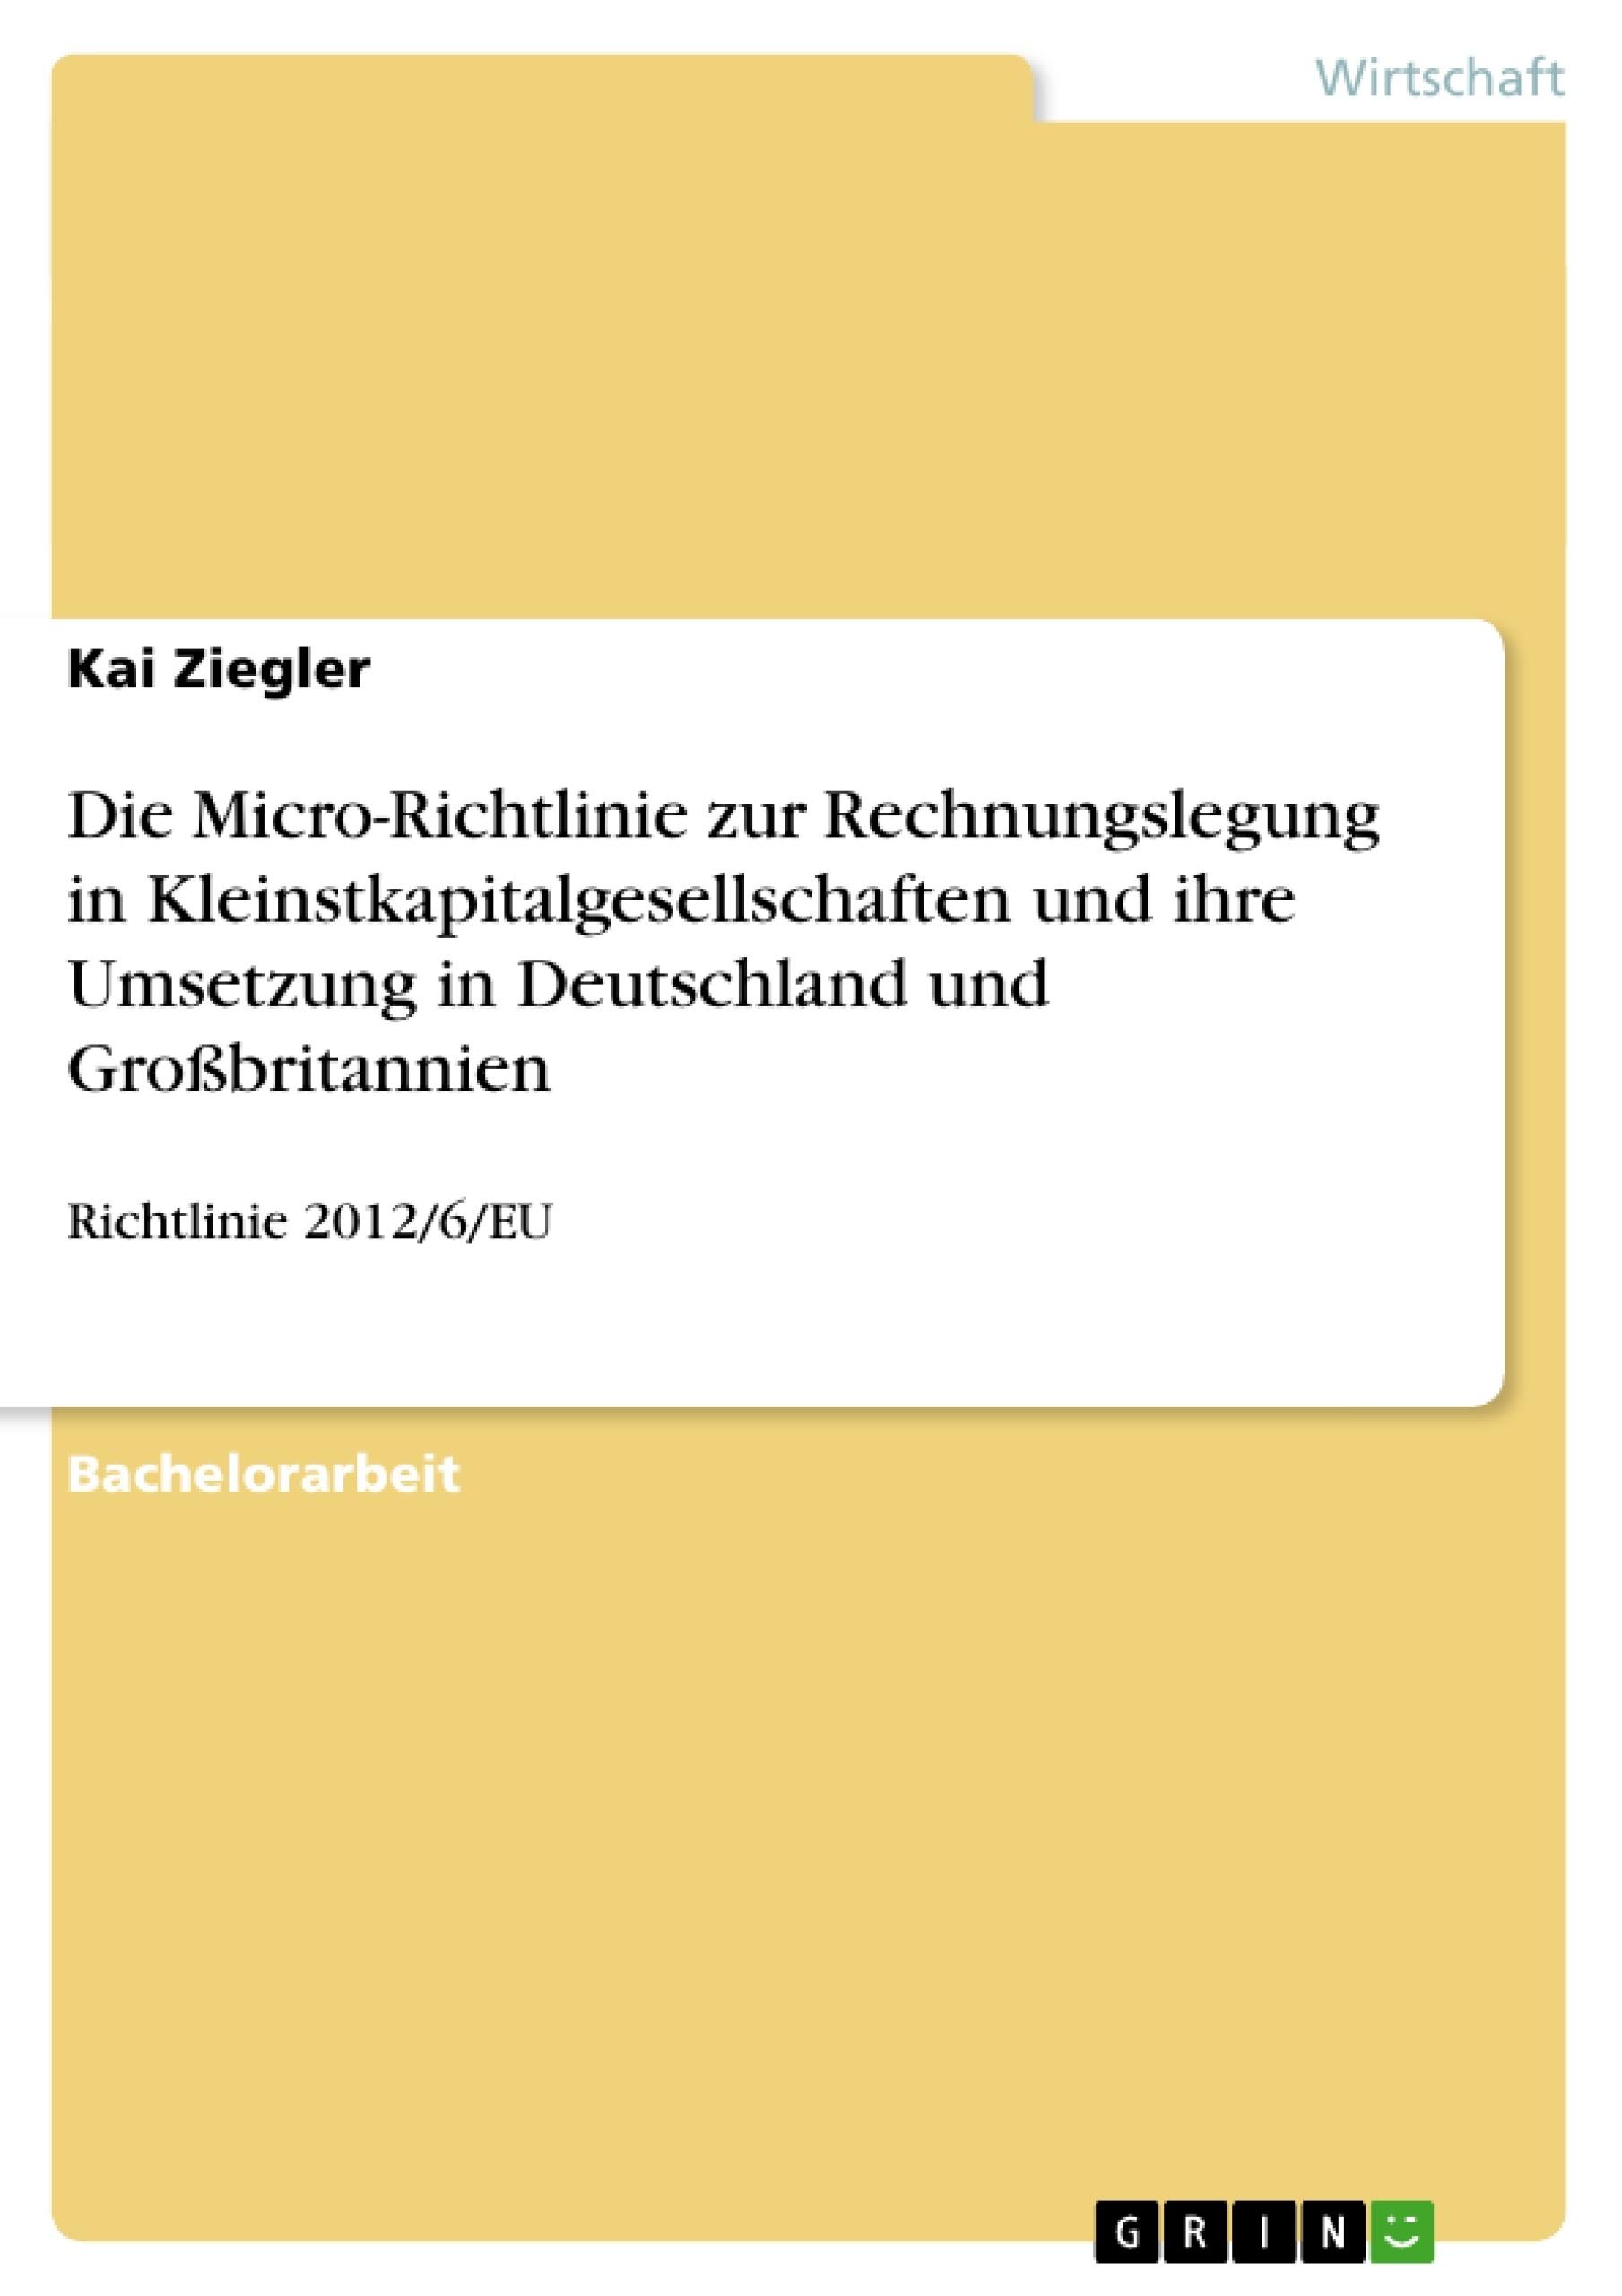 Titel: Die Micro-Richtlinie zur Rechnungslegung in Kleinstkapitalgesellschaften und ihre Umsetzung in Deutschland und Großbritannien